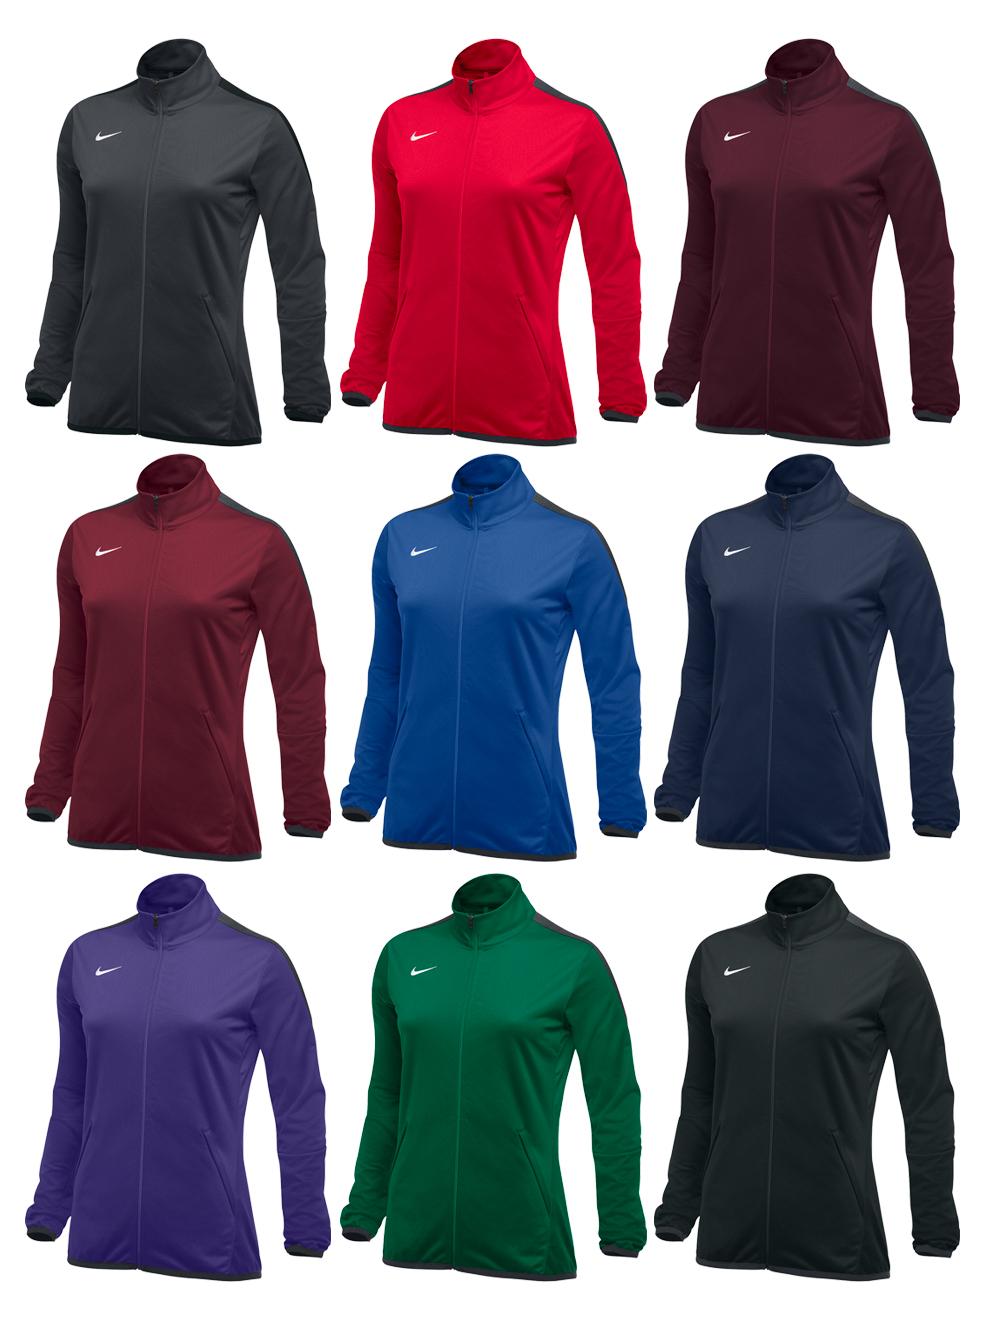 Nike epic jacket - Women S Nike Epic Jacket